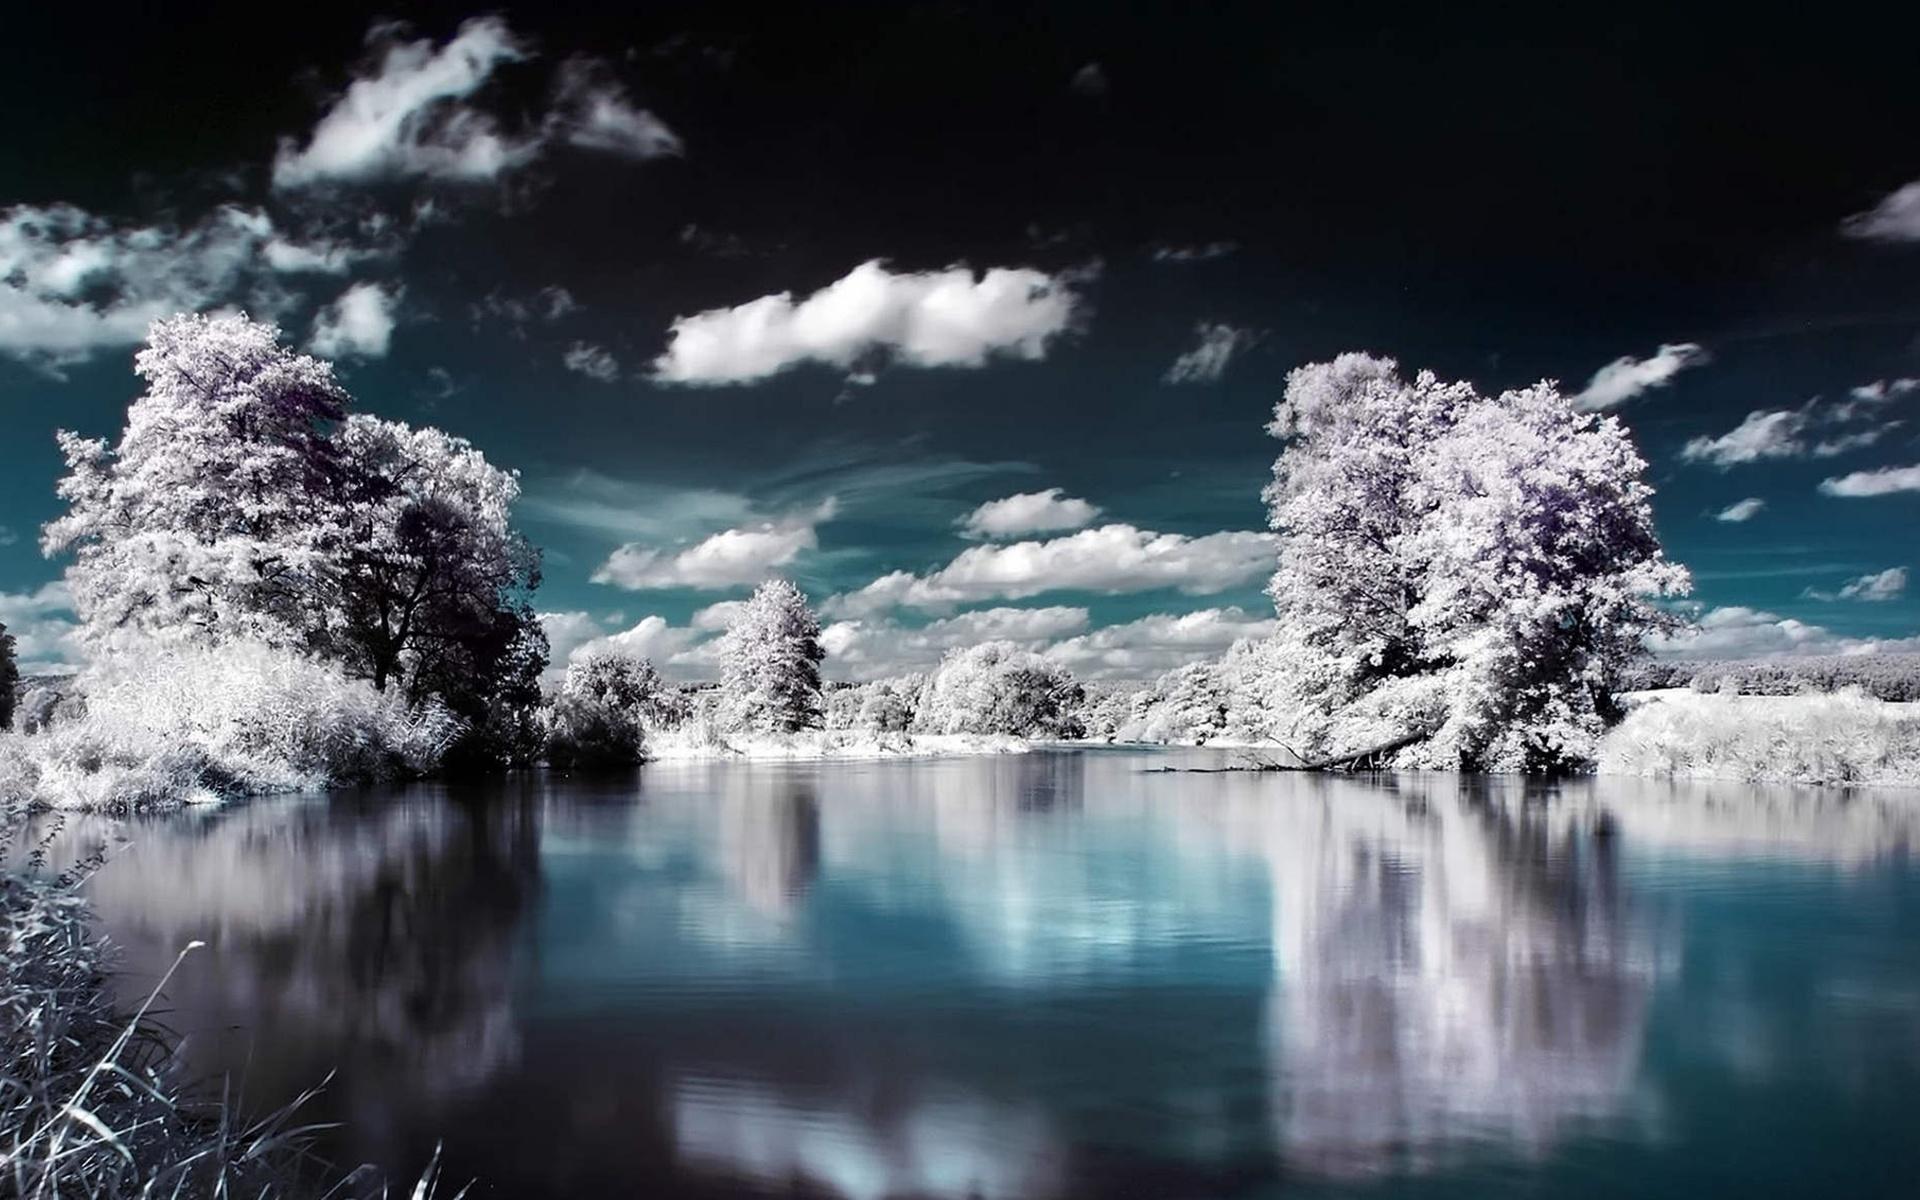 небо, облака, вода, деревья, снег, начало зимы, зима, природа